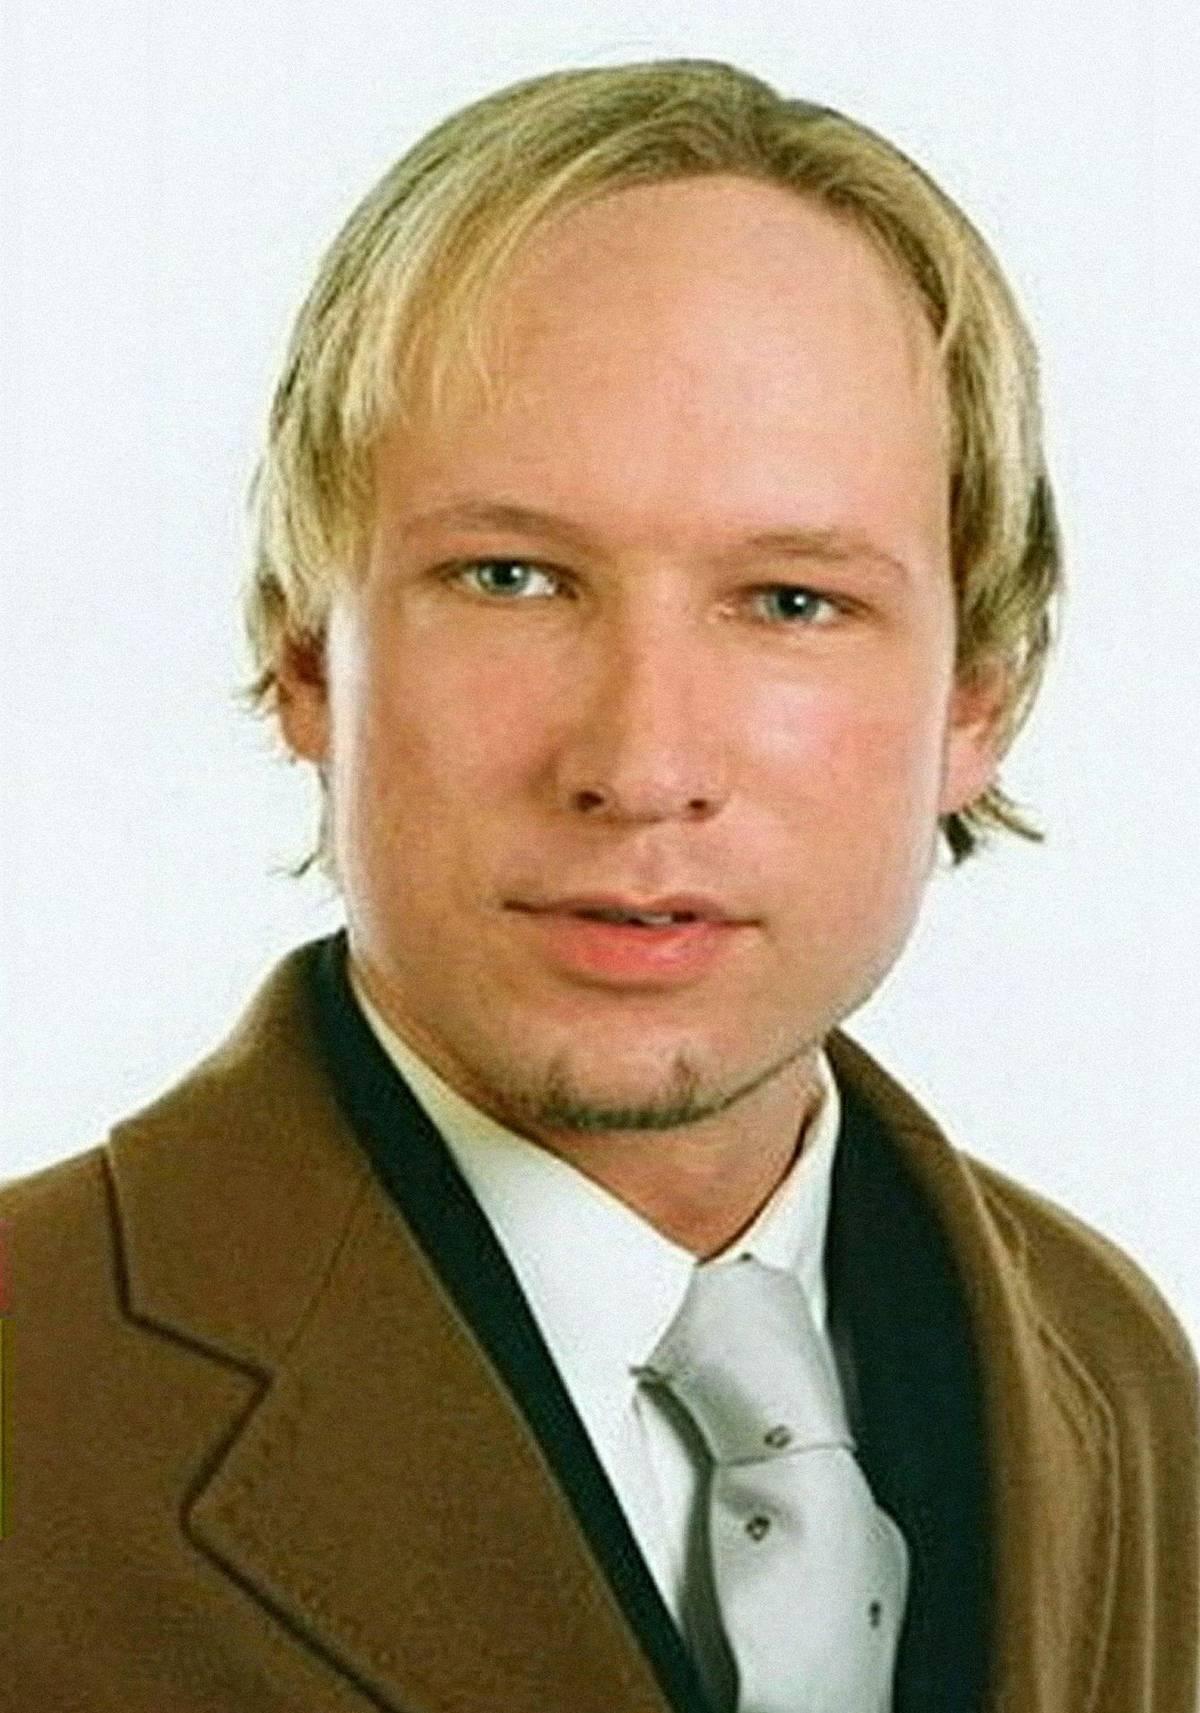 Anders Breivik se narodil 13. února 1979 v Oslu. Jeho matka ho v dětství psychicky týrala a bila. V roce 2005 se přidal do zbrojařského klubu, do armády se dříve hlásil neúspěšně. Založil společnost, která zbankrotovala, v roce 2009 neměl žádný příjem. Nyní se označuje za fašistu a nacistu, který podporuje etnický nacionalismus.